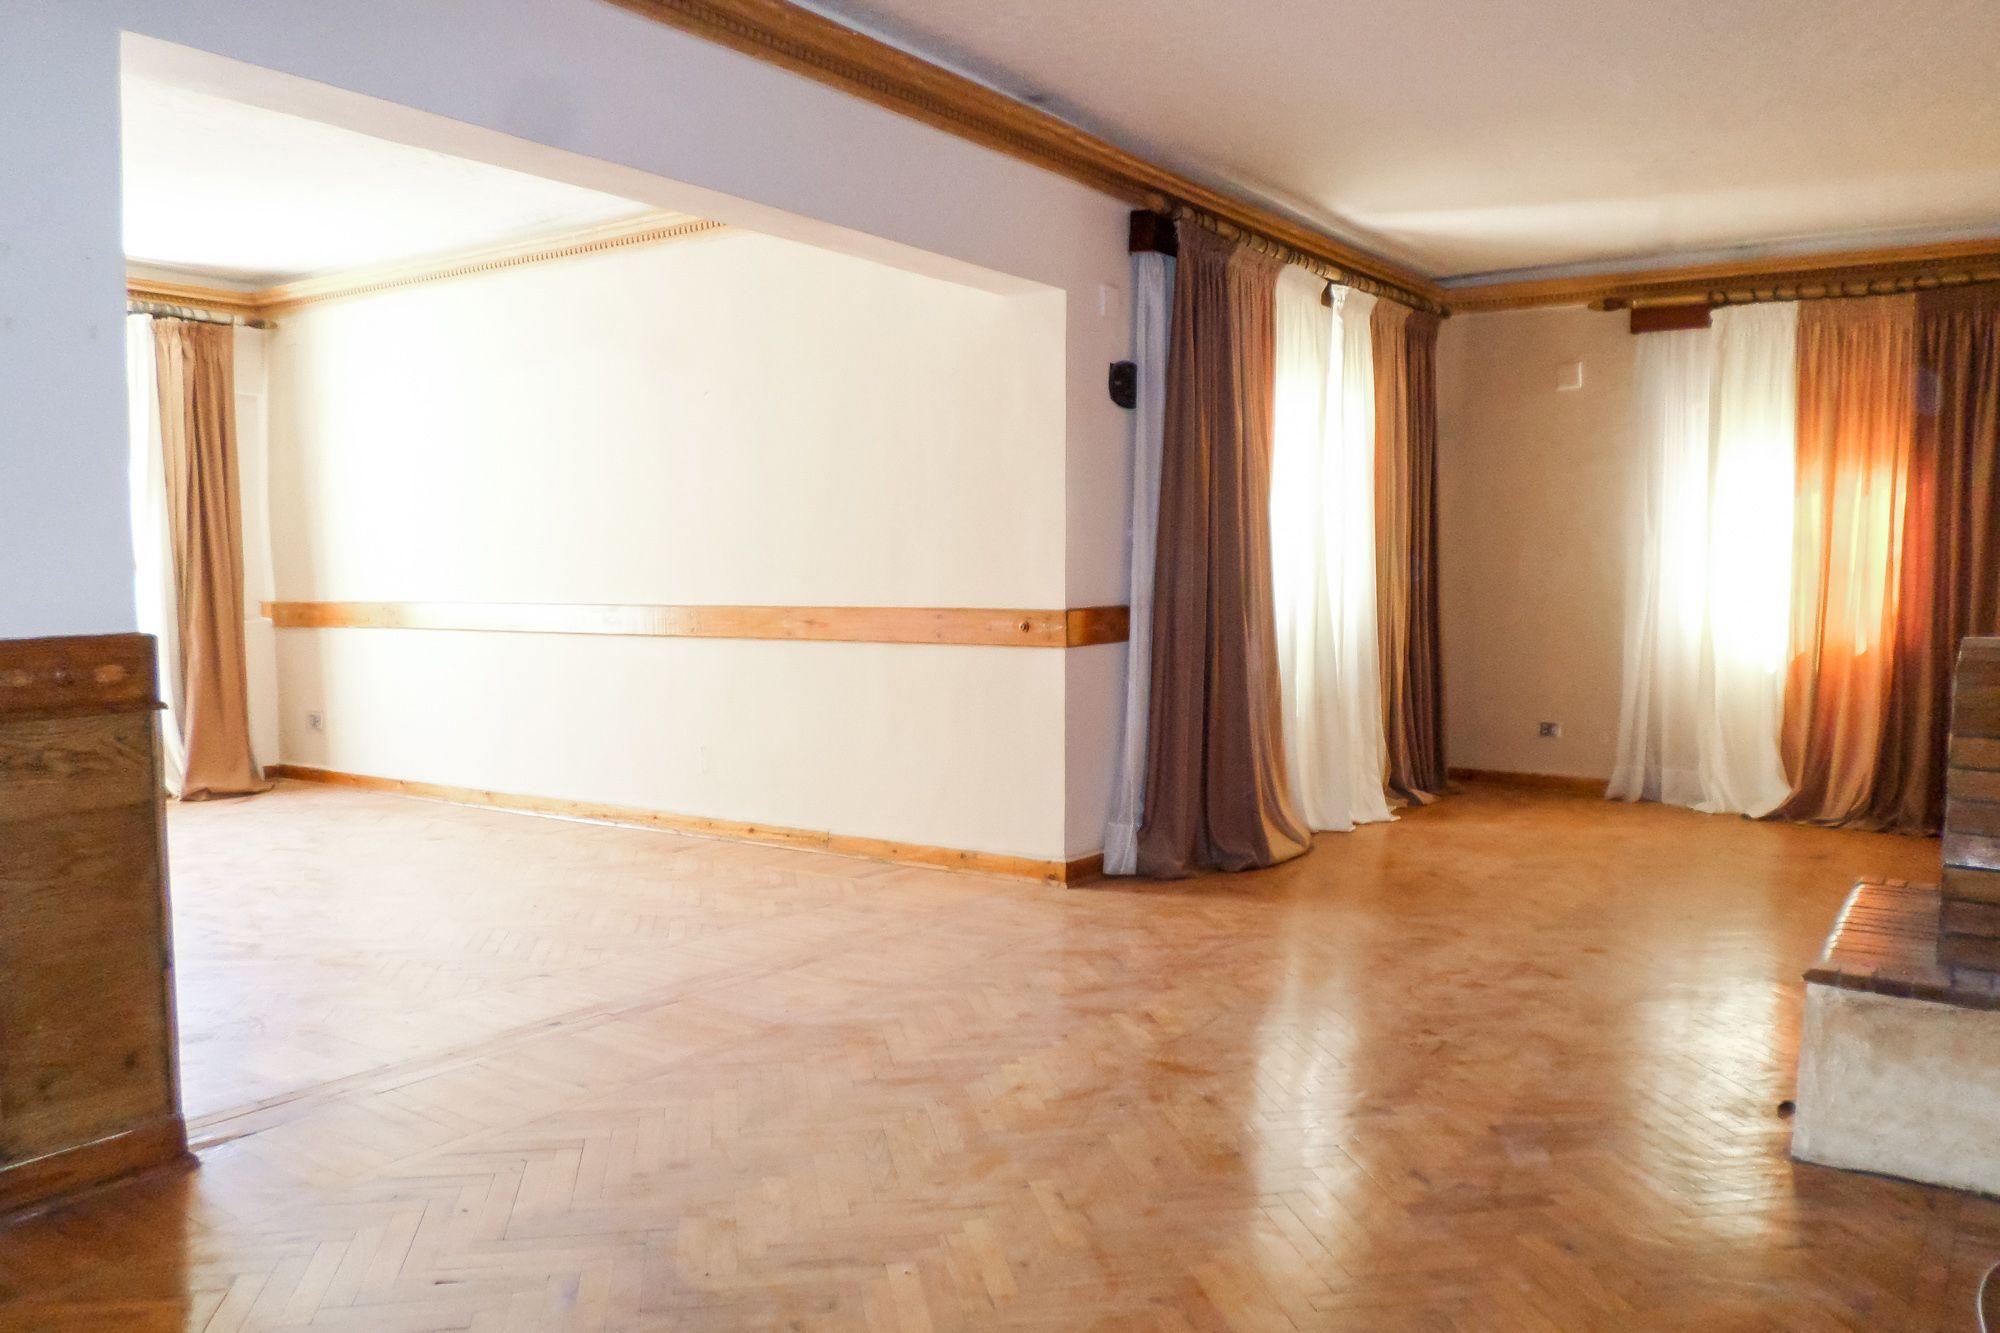 شقة للايجار 189 م ستانلي